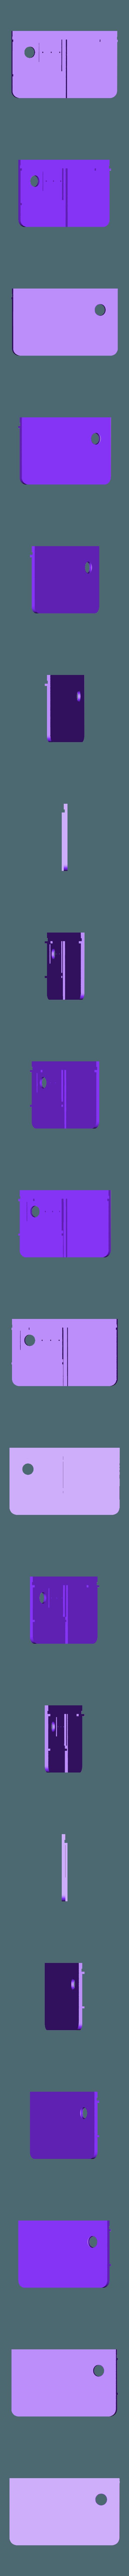 Case_B.STL Télécharger fichier STL gratuit Nettoyant pour panne à souder • Modèle à imprimer en 3D, perinski